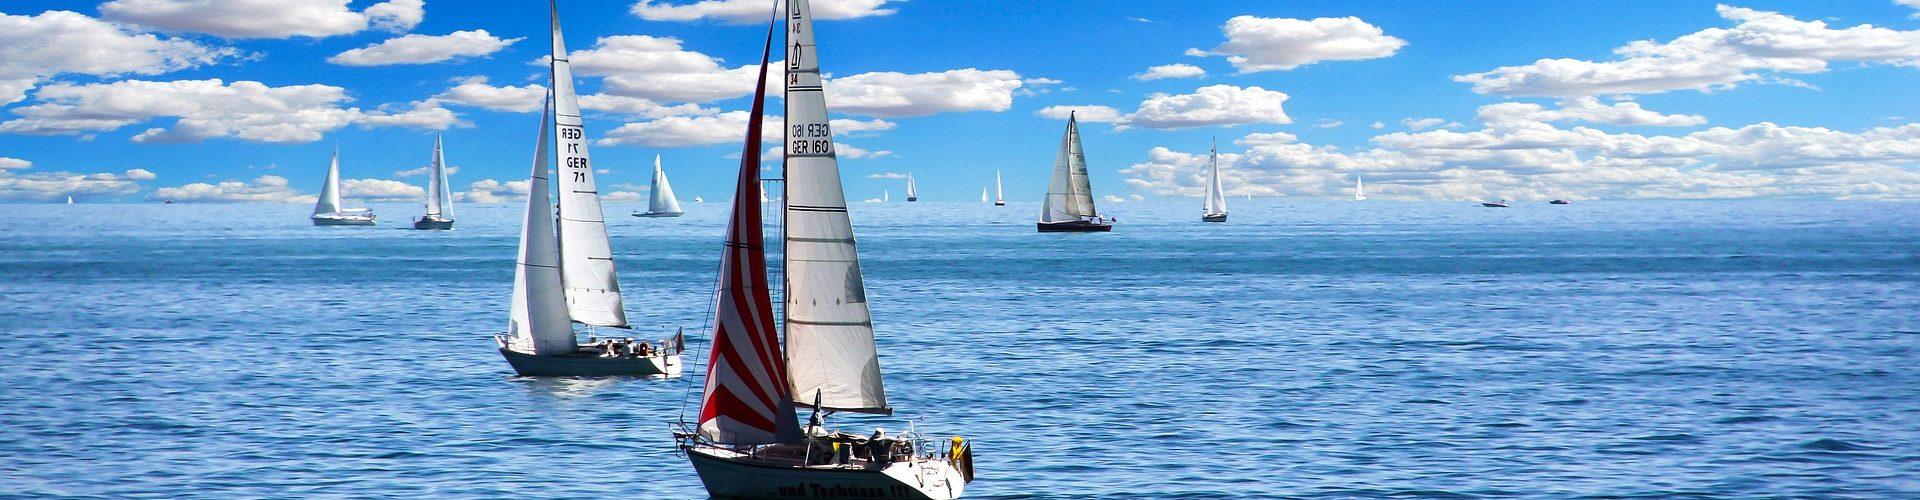 segeln lernen in Oyten segelschein machen in Oyten 1920x500 - Segeln lernen in Oyten